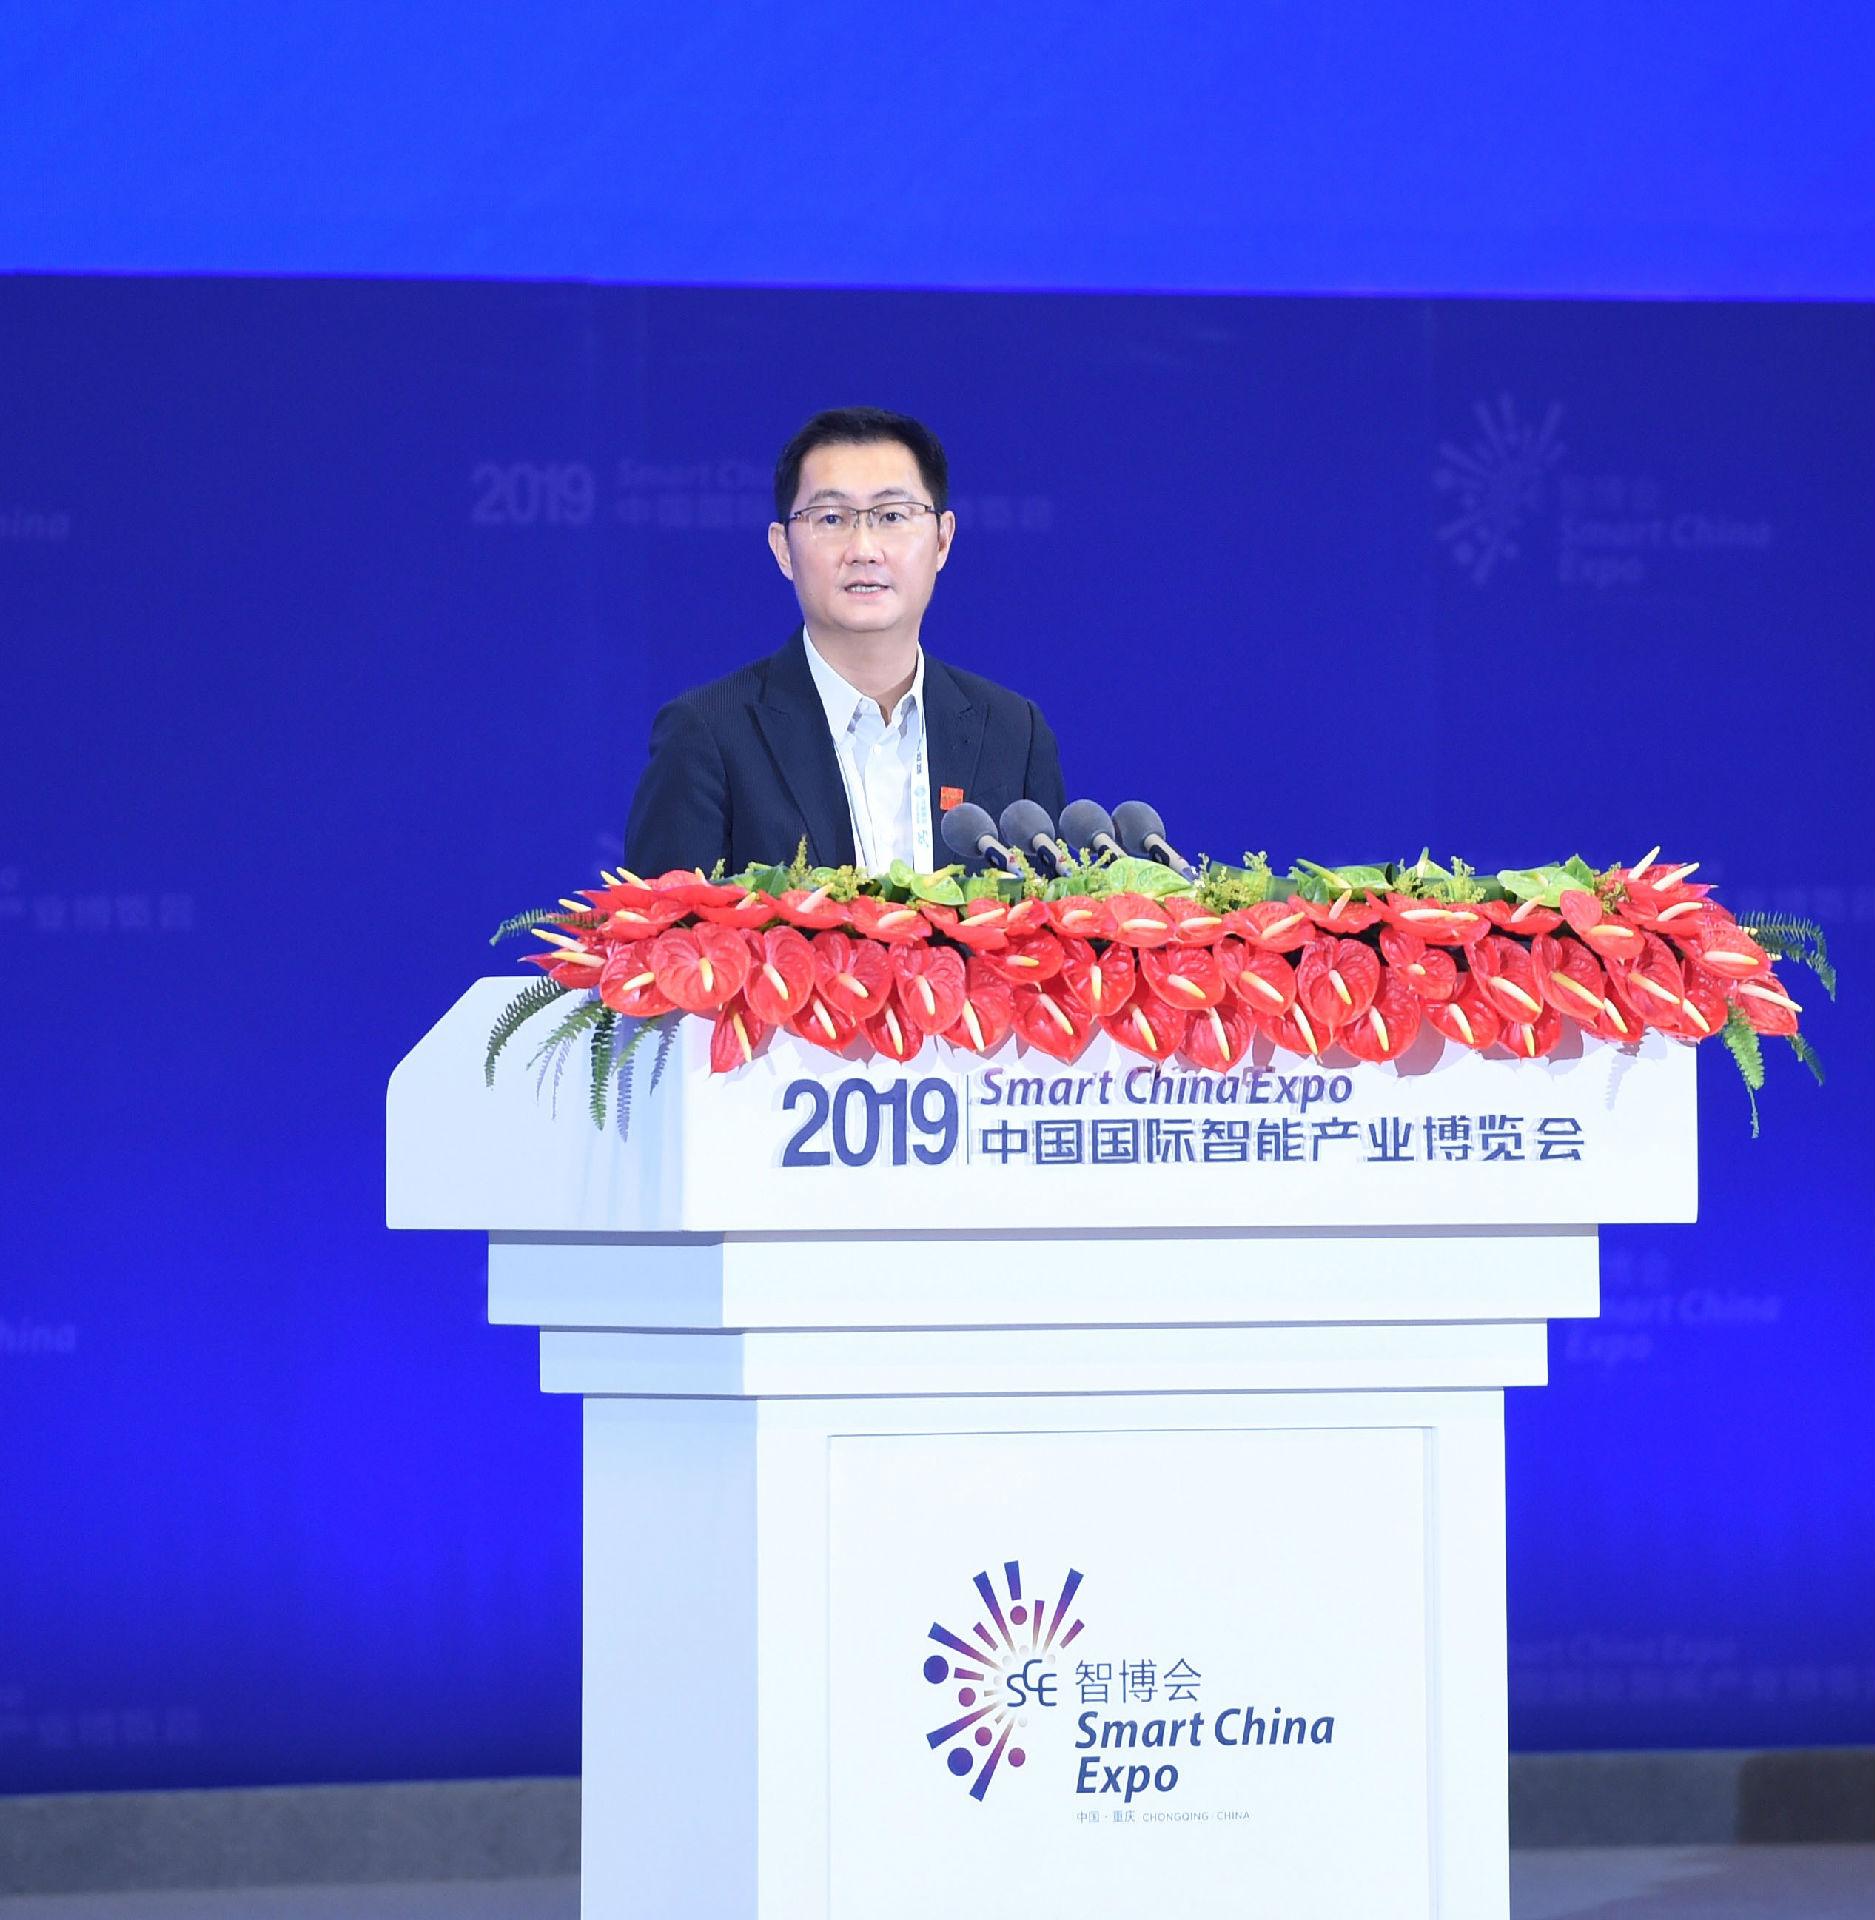 第二届中国国际智能产业博览会马化腾发表演讲全文